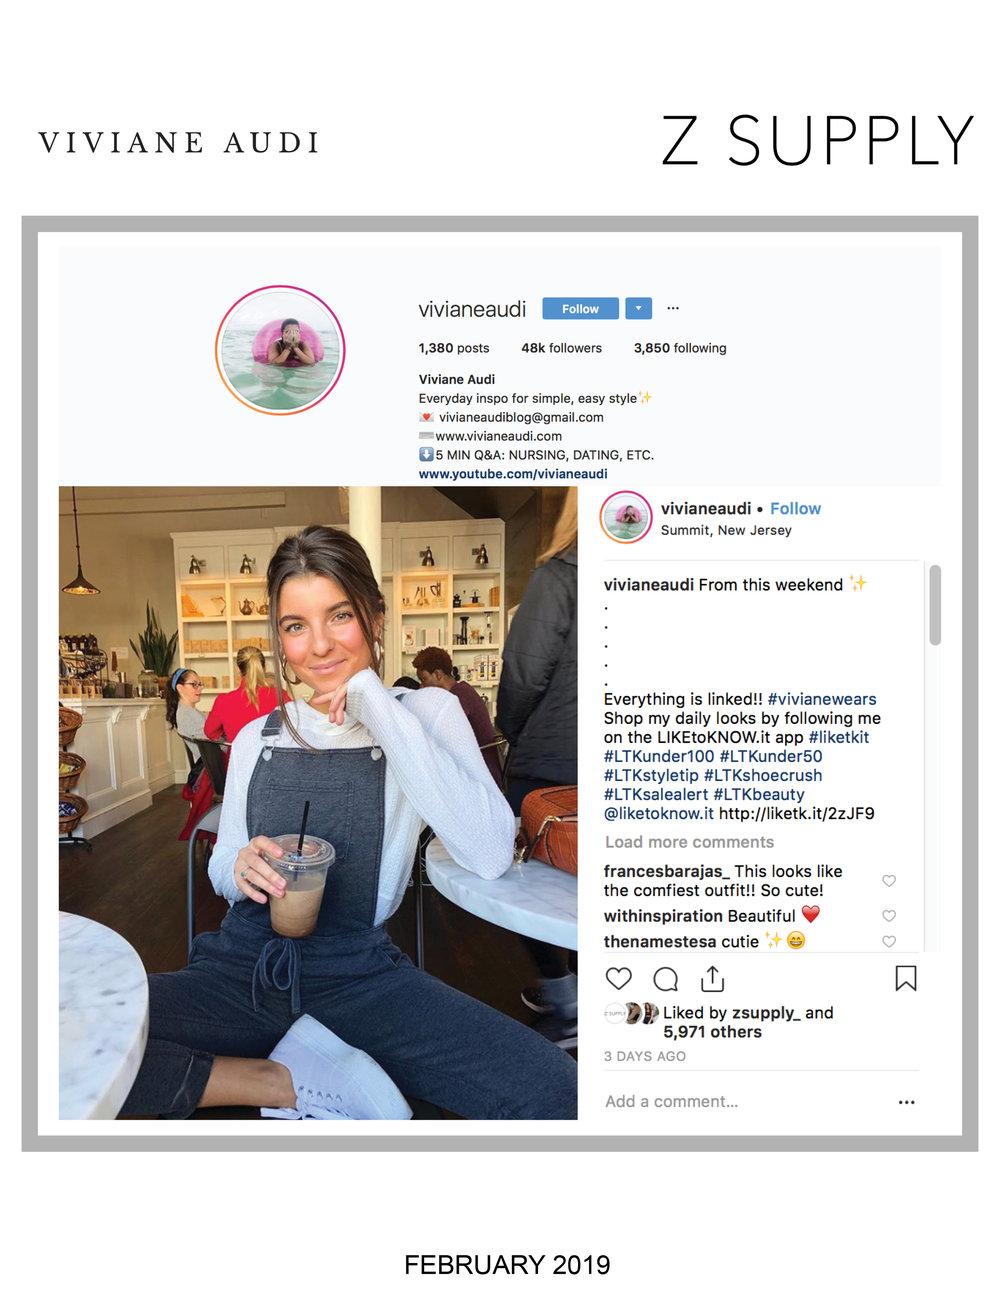 Zsupply_VivianeAudi_February2019.jpg